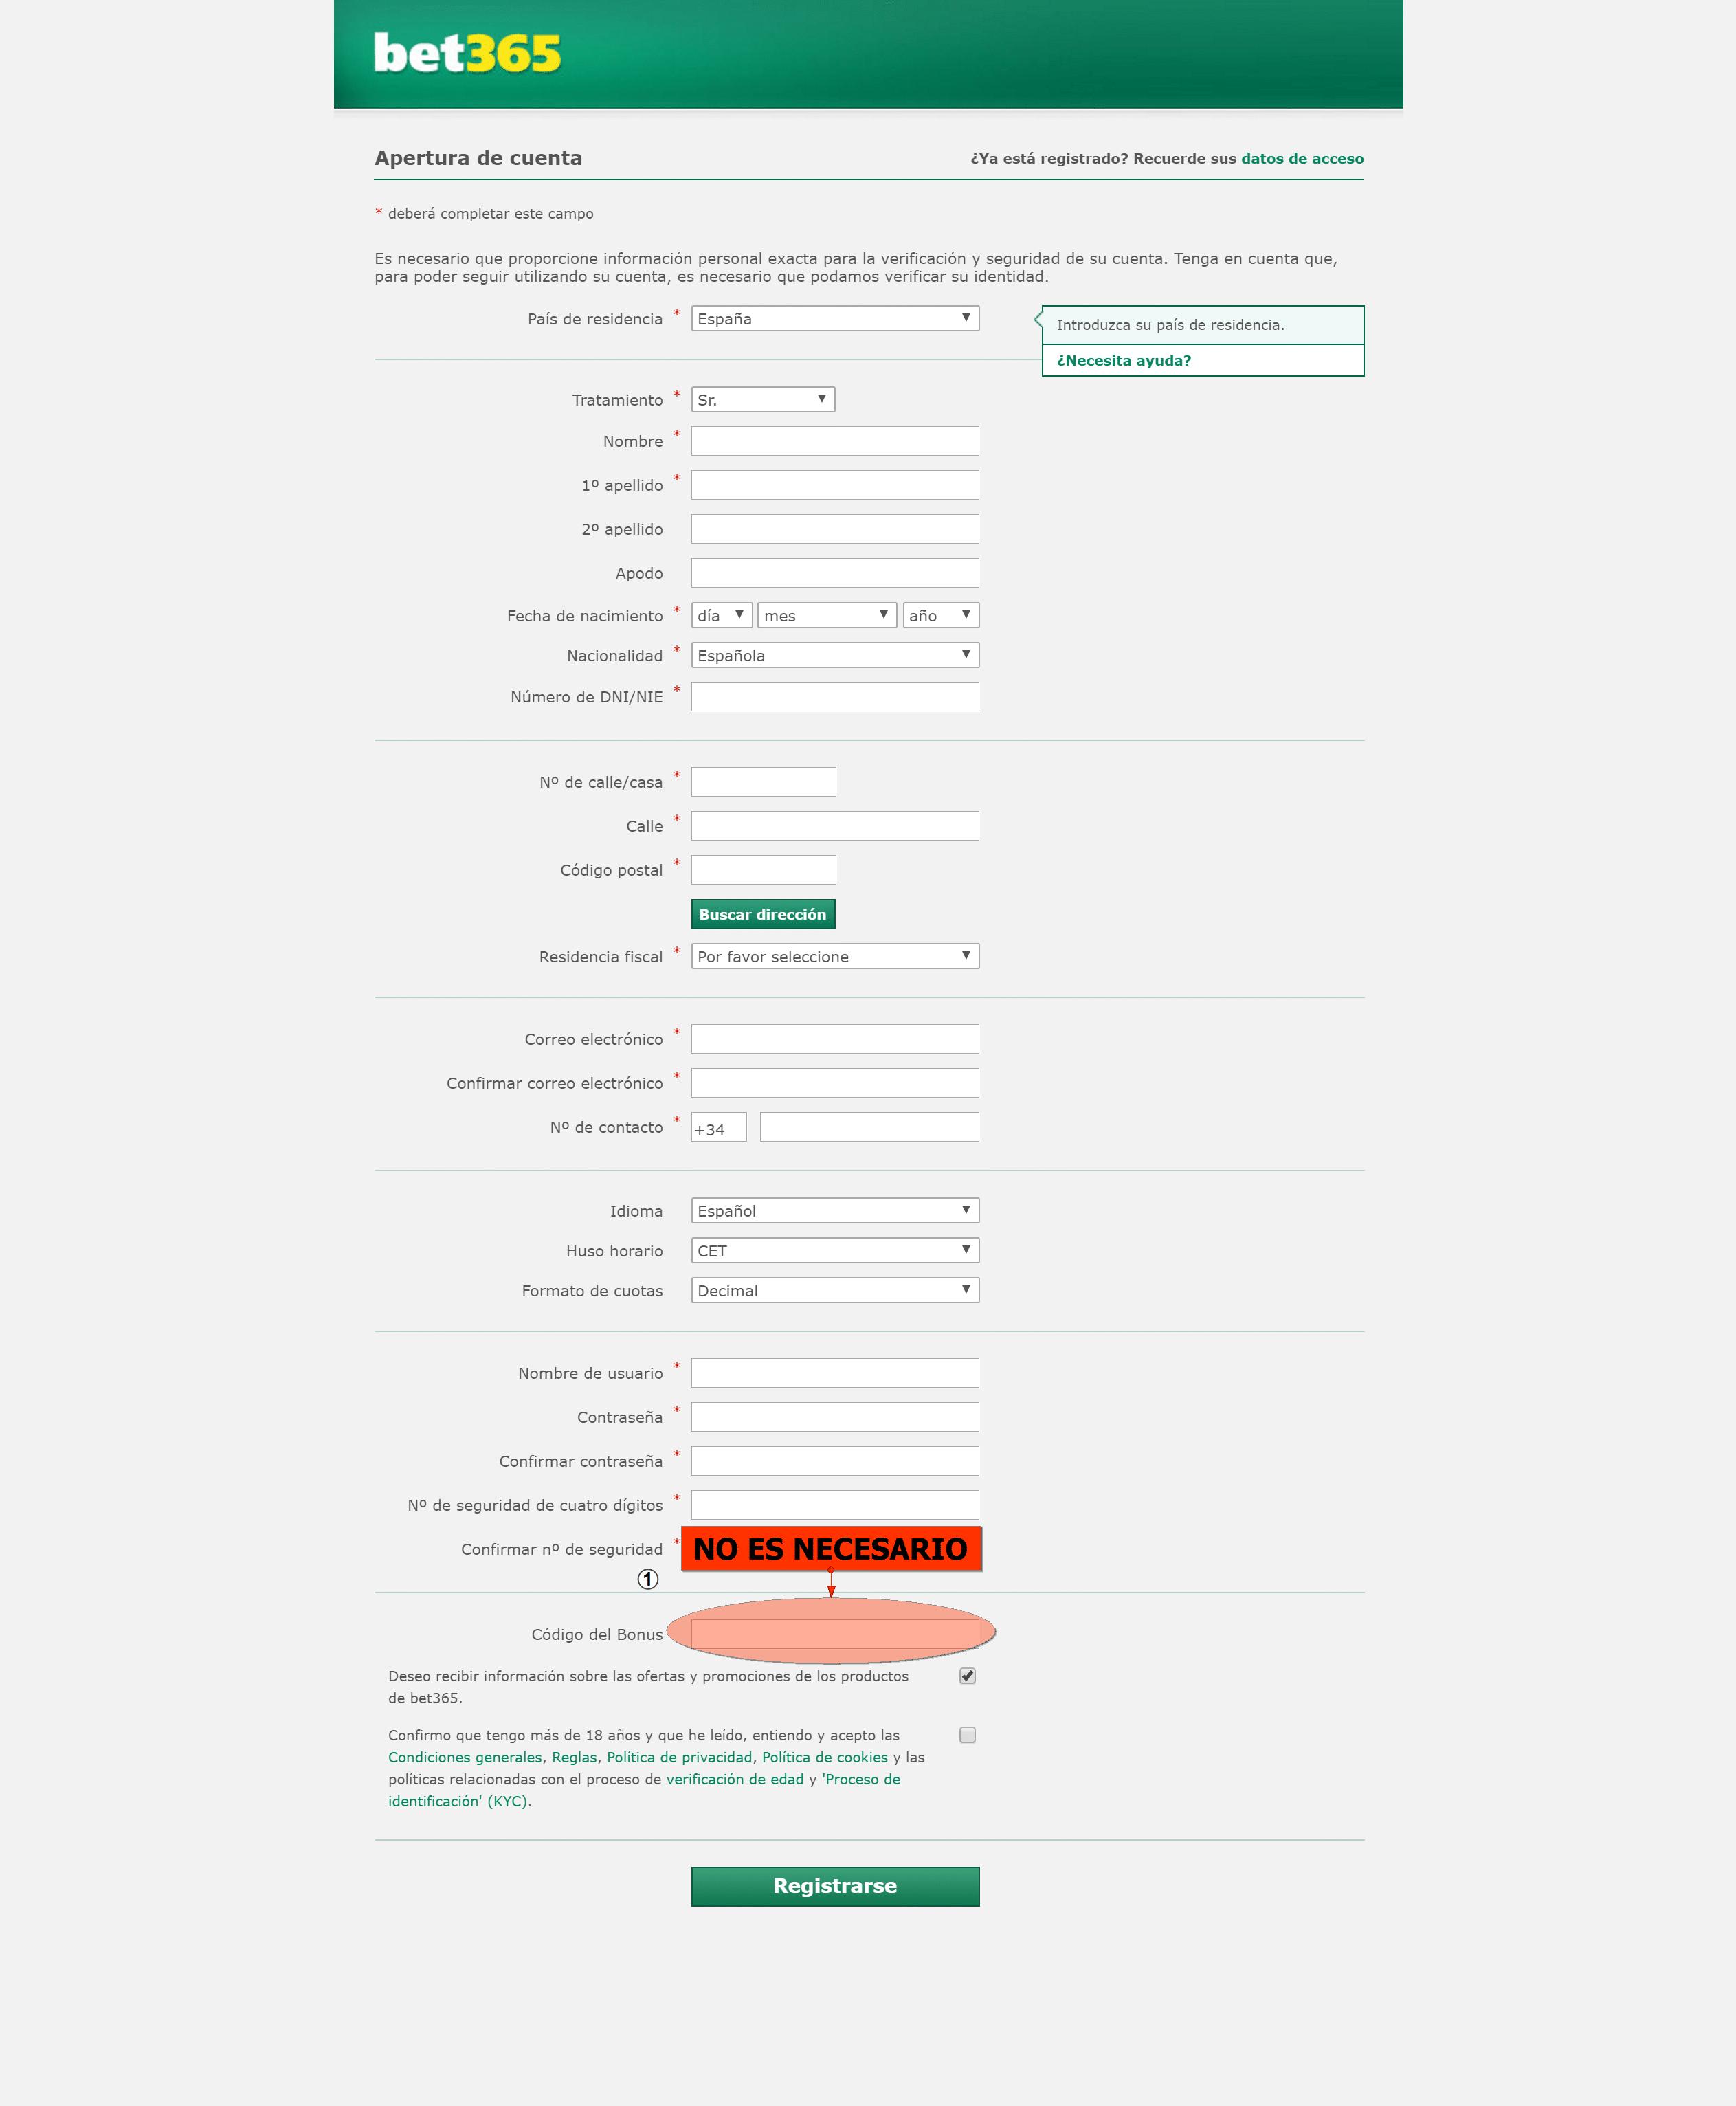 Bet365 ofrece un bono de 100 € gratis-585